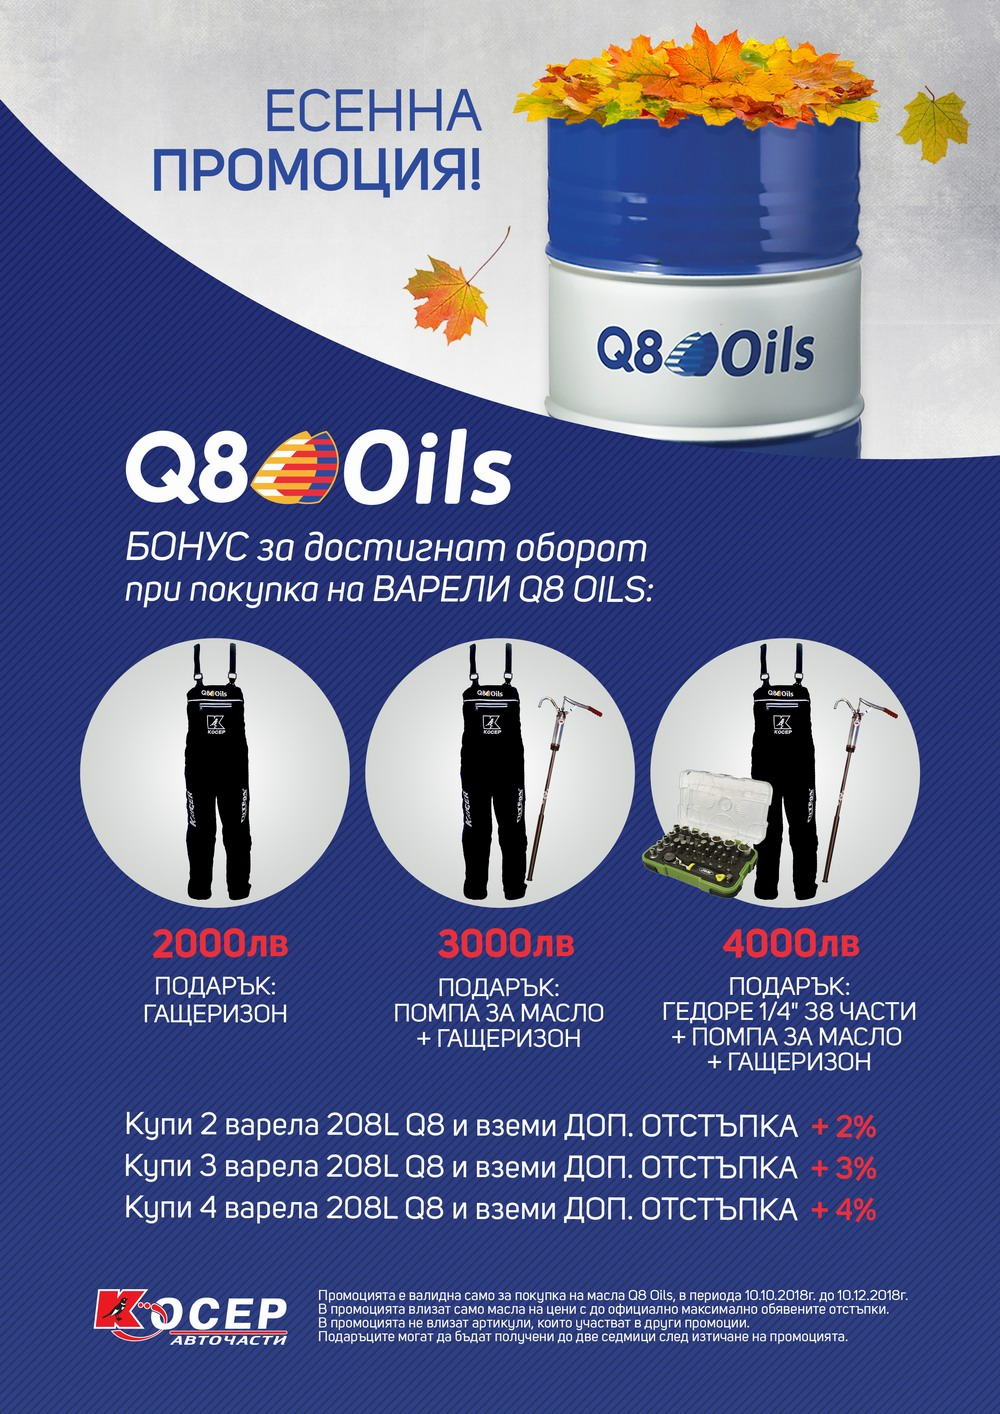 Промоция Q8 Oils, 10.10.2018 - 10.12.2018